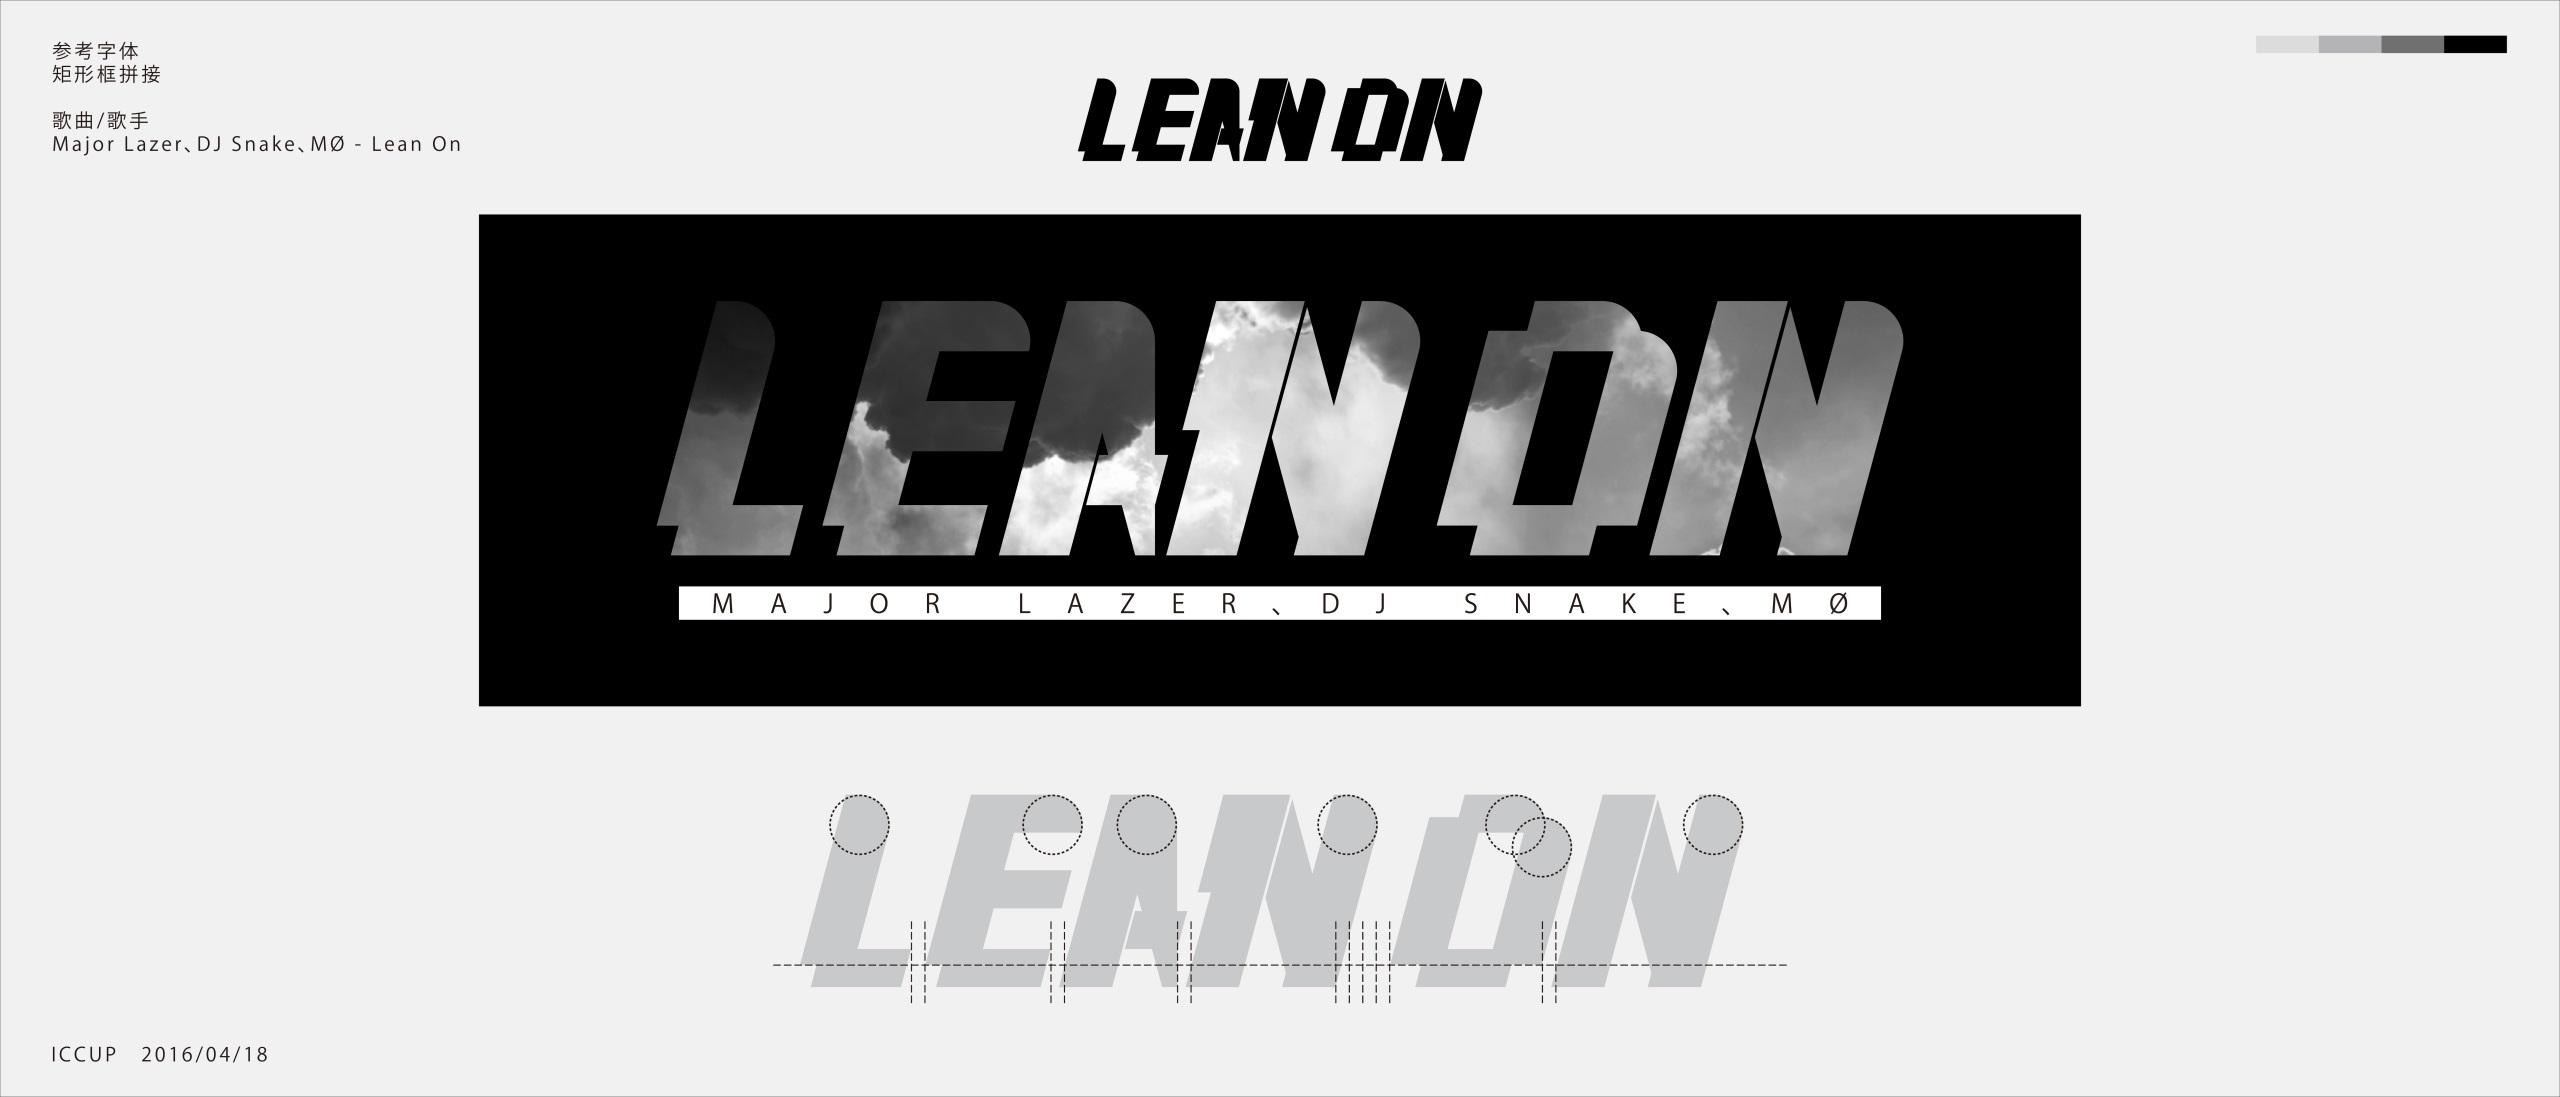 leanon曲谱